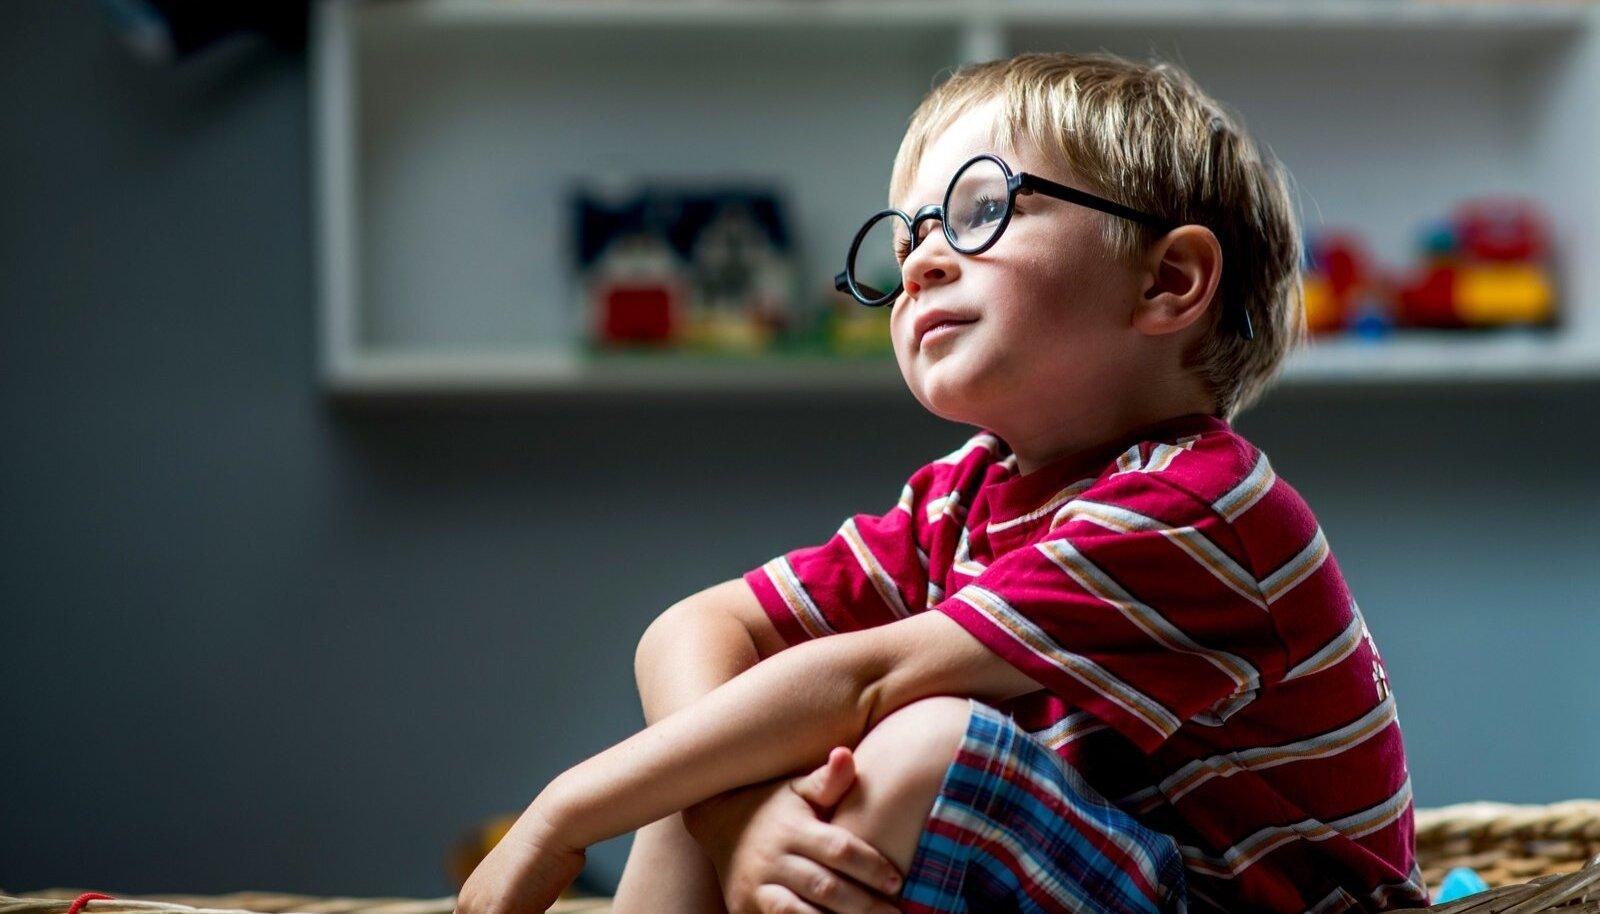 Mängimine aitab lapsel ennast tundma õppida ja elurollideks ette valmistuda.